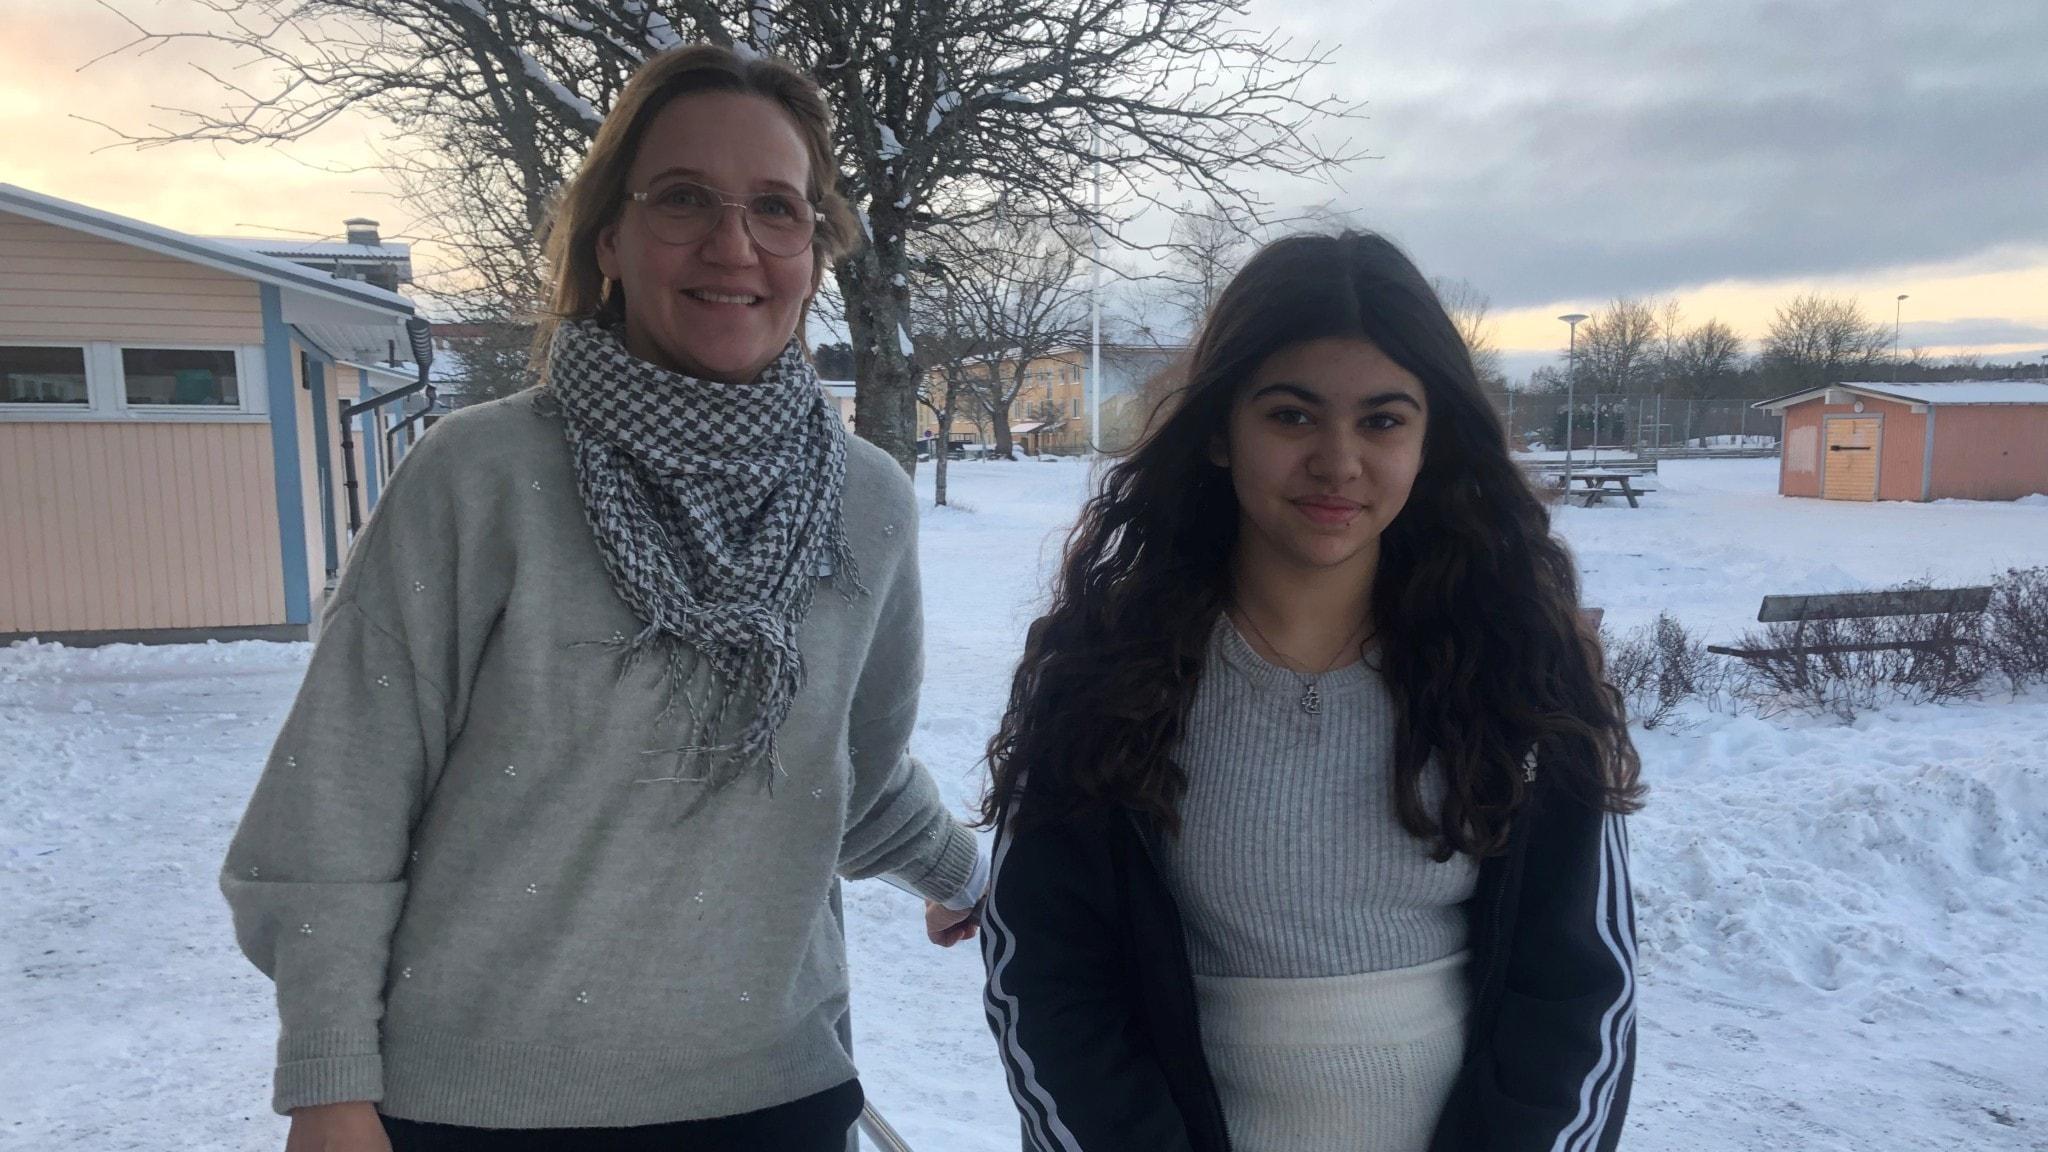 Hot om böter satte fart på cheferna – Vallbyskolan vände till det bättre - P4 Västmanland